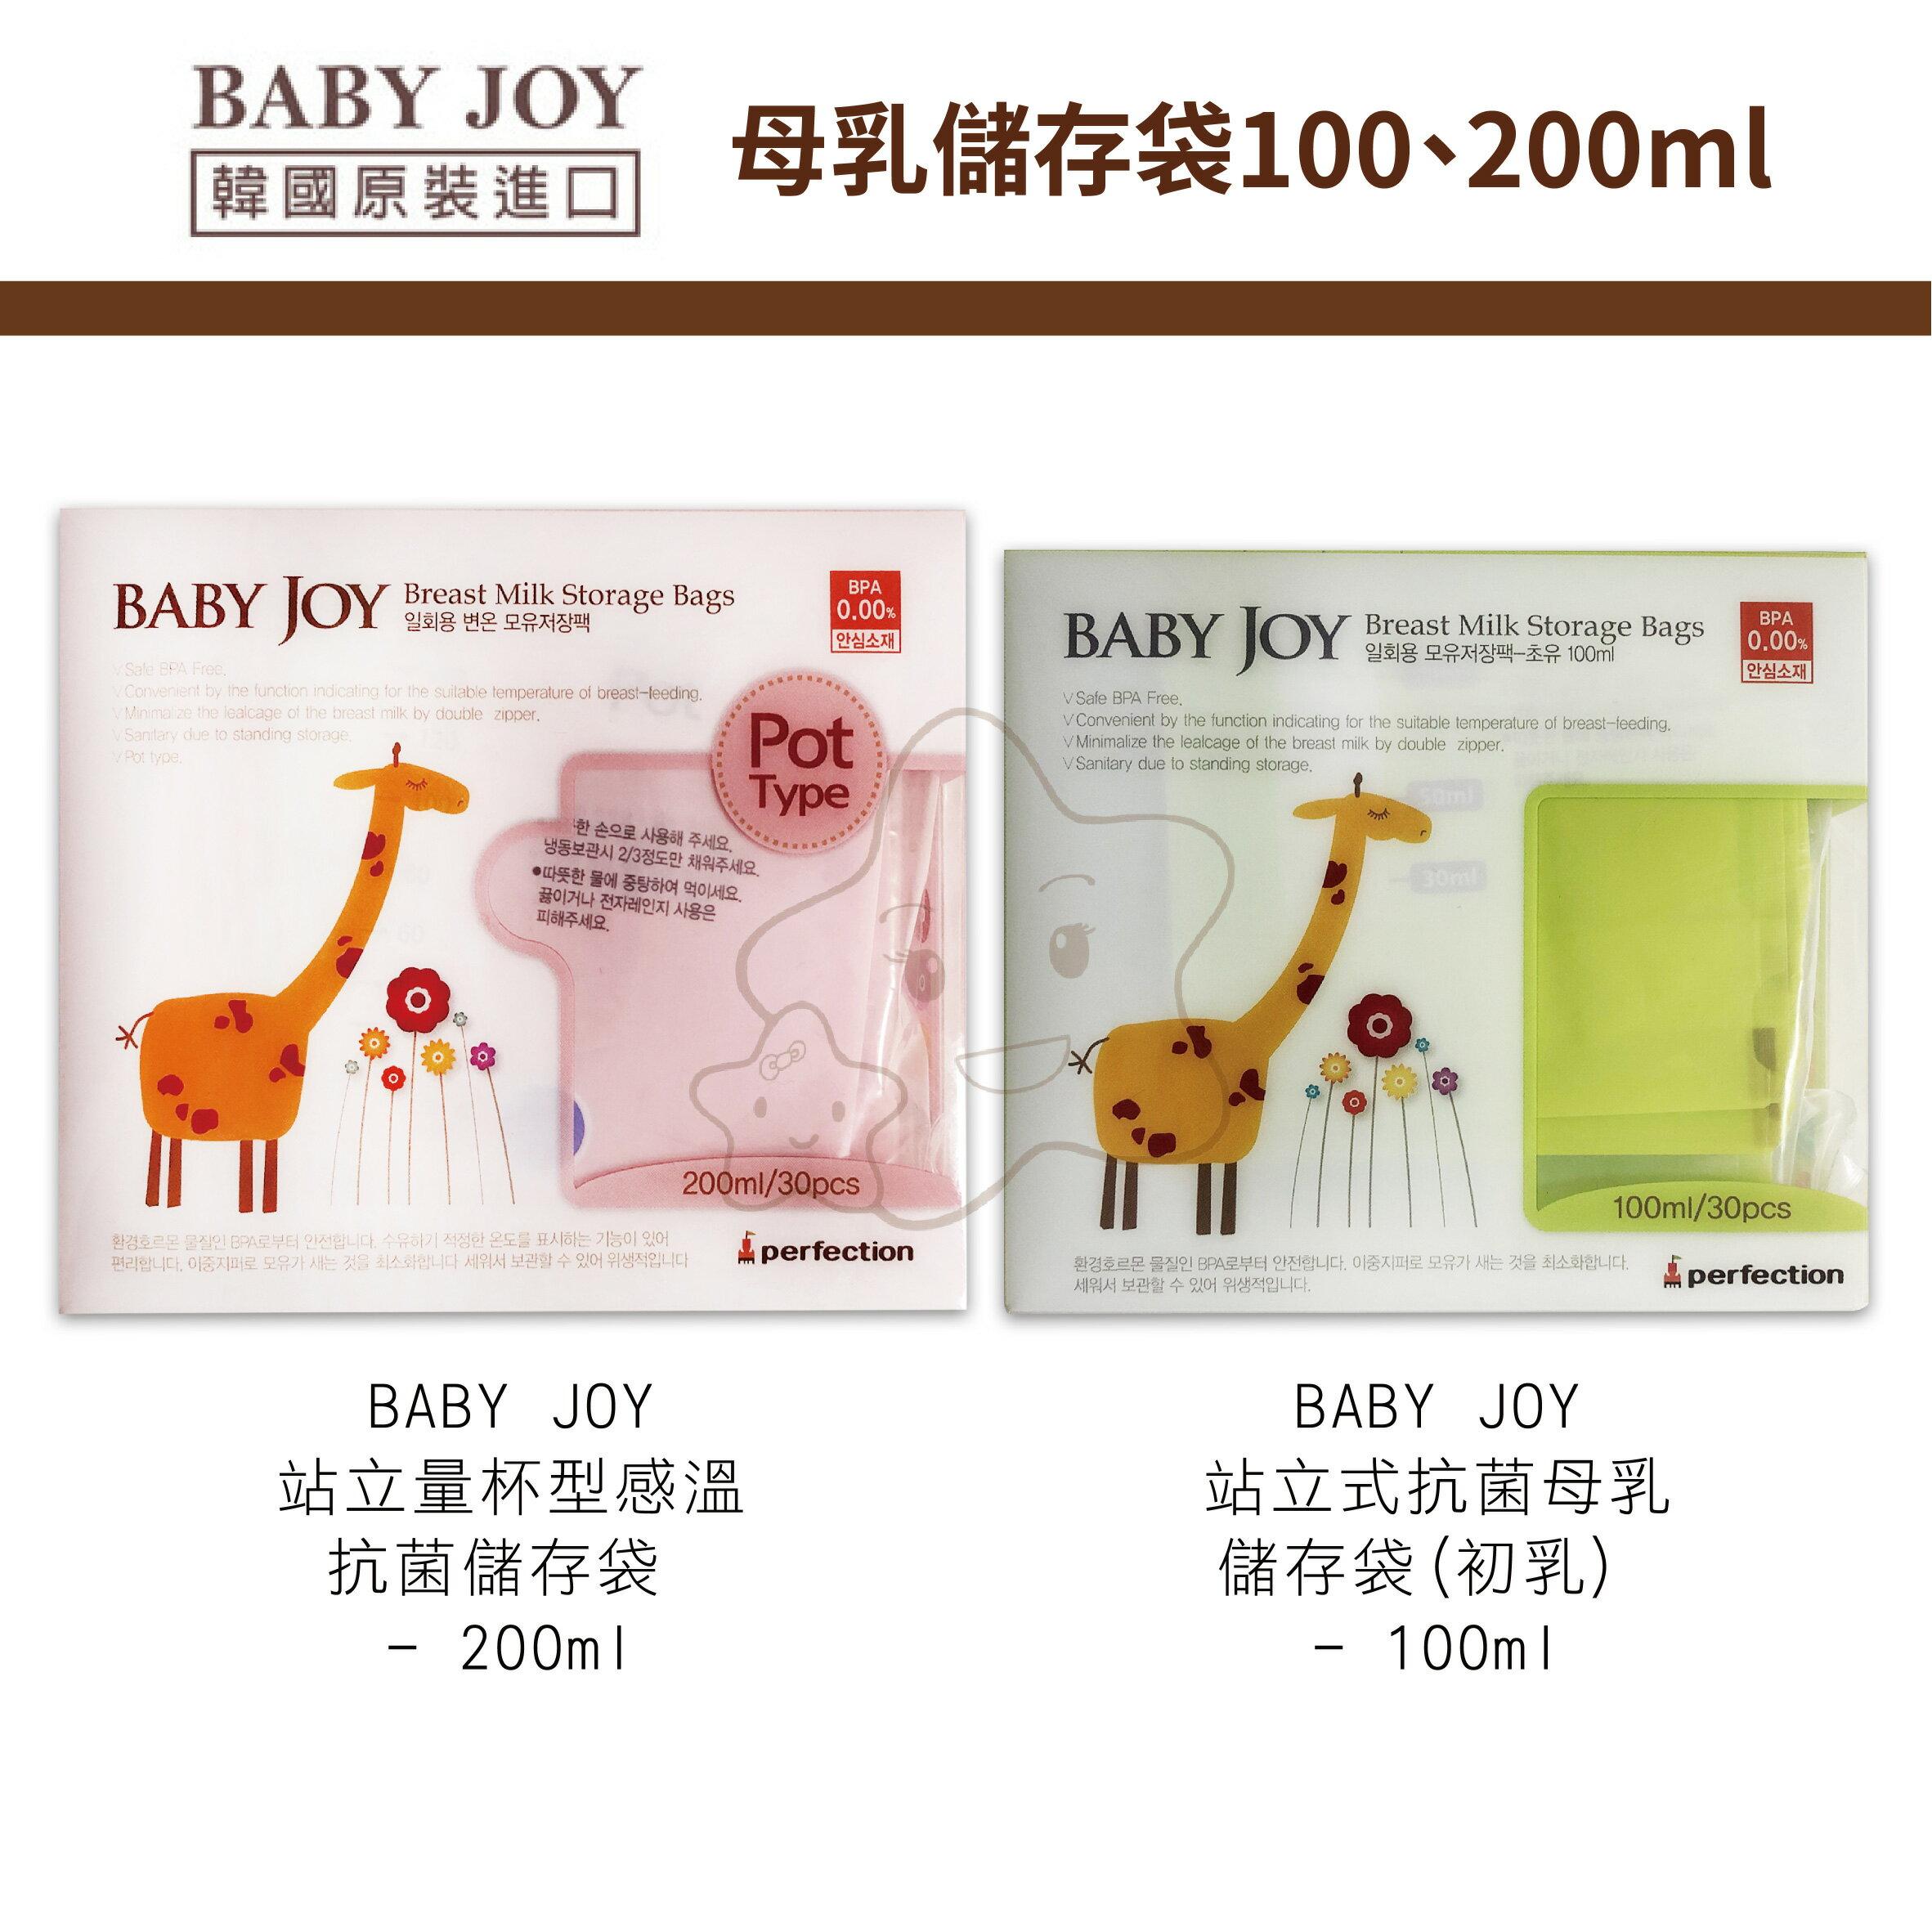 【大成婦嬰】韓國BabyJoy 站立式抗菌母乳儲存袋(初乳)100ml、站立量杯型感溫抗菌儲存袋200ml